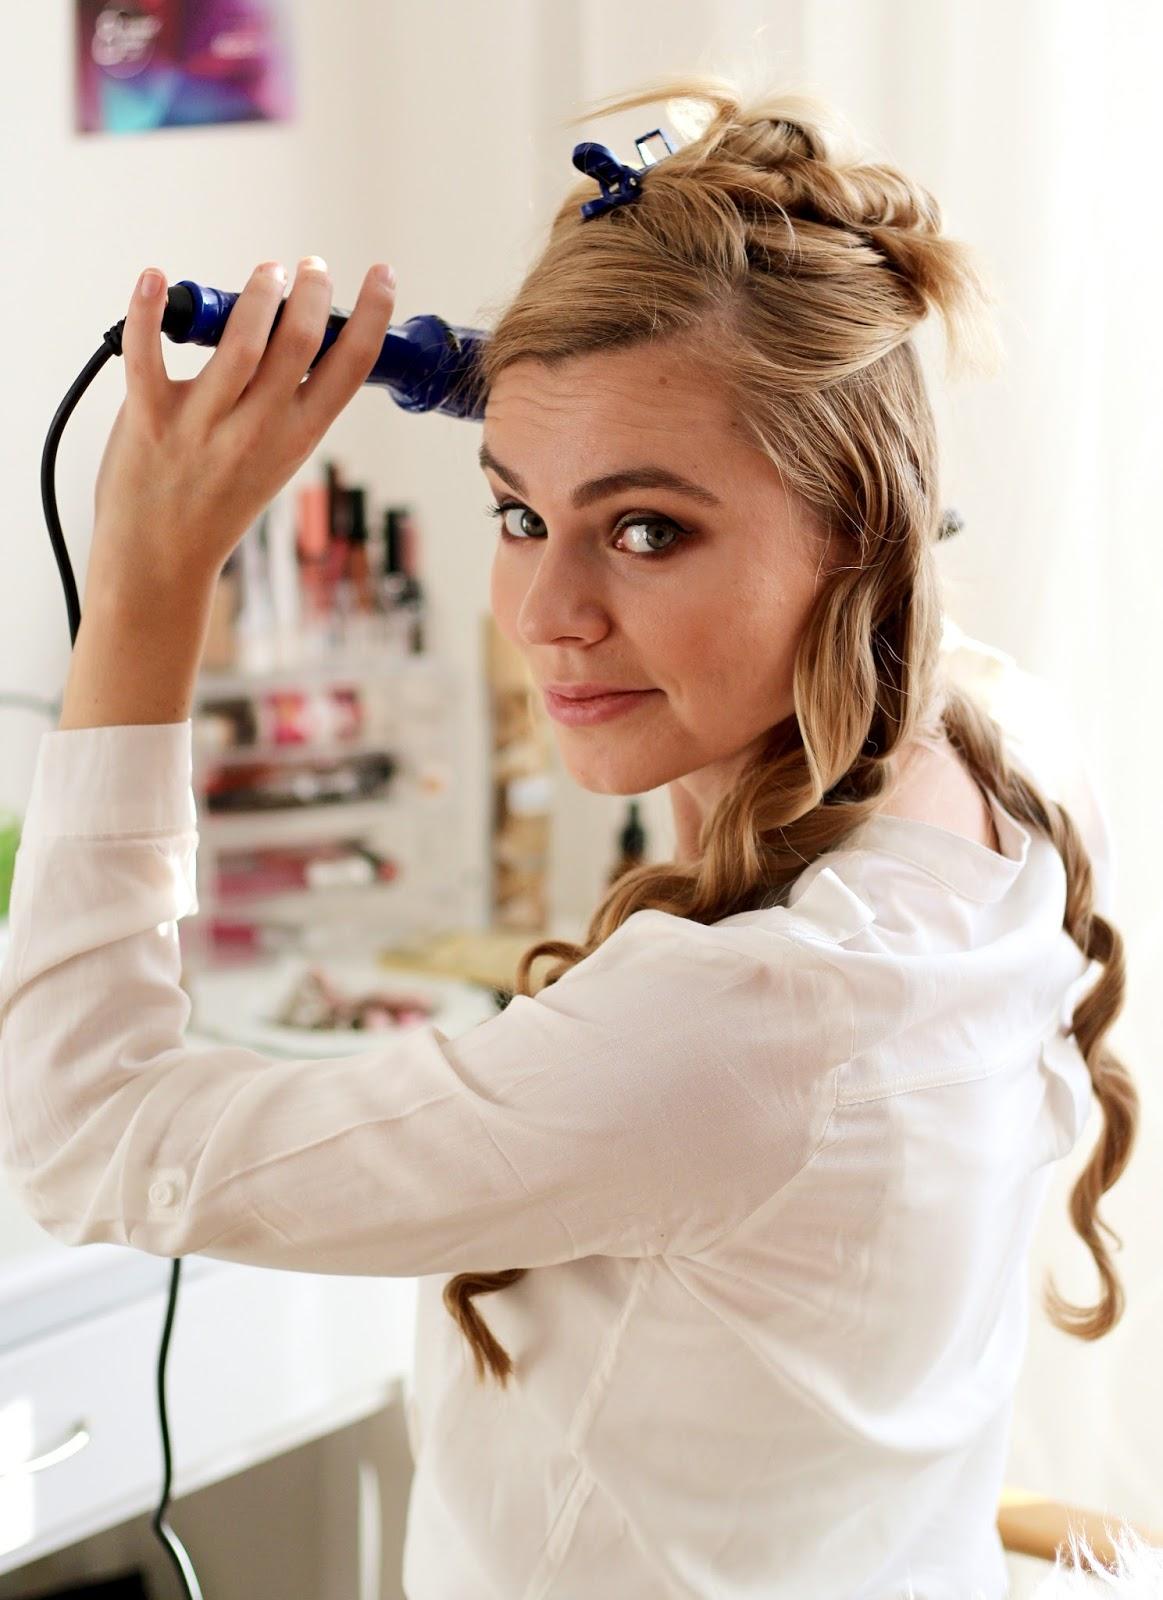 wavy hair, vlnené vlasy